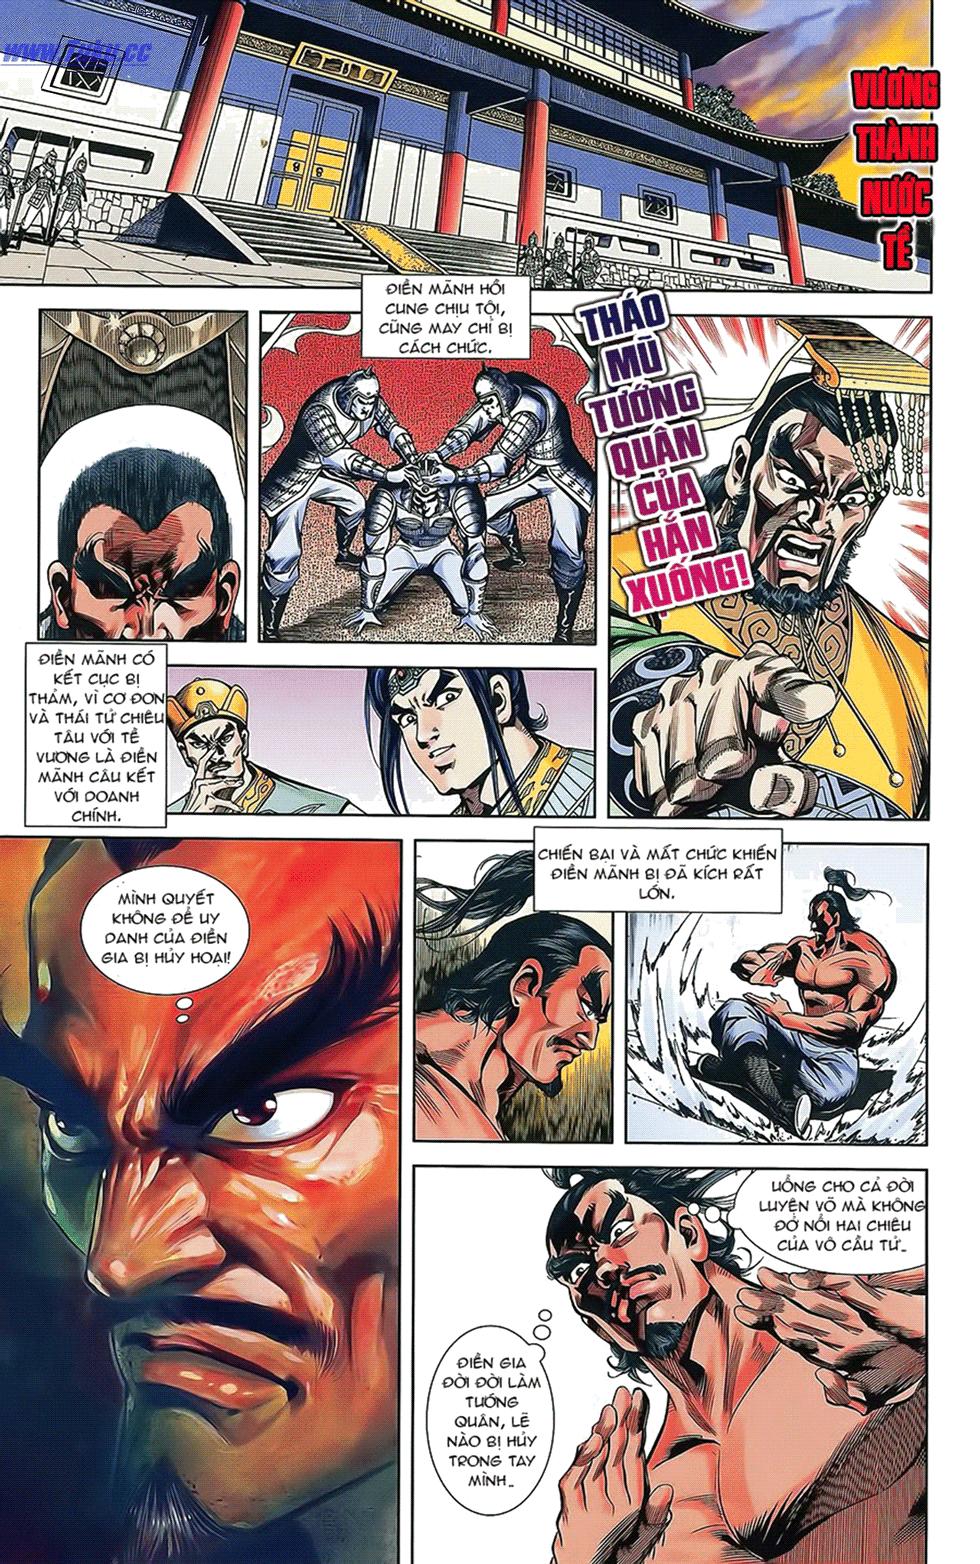 Tần Vương Doanh Chính chapter 16 trang 4